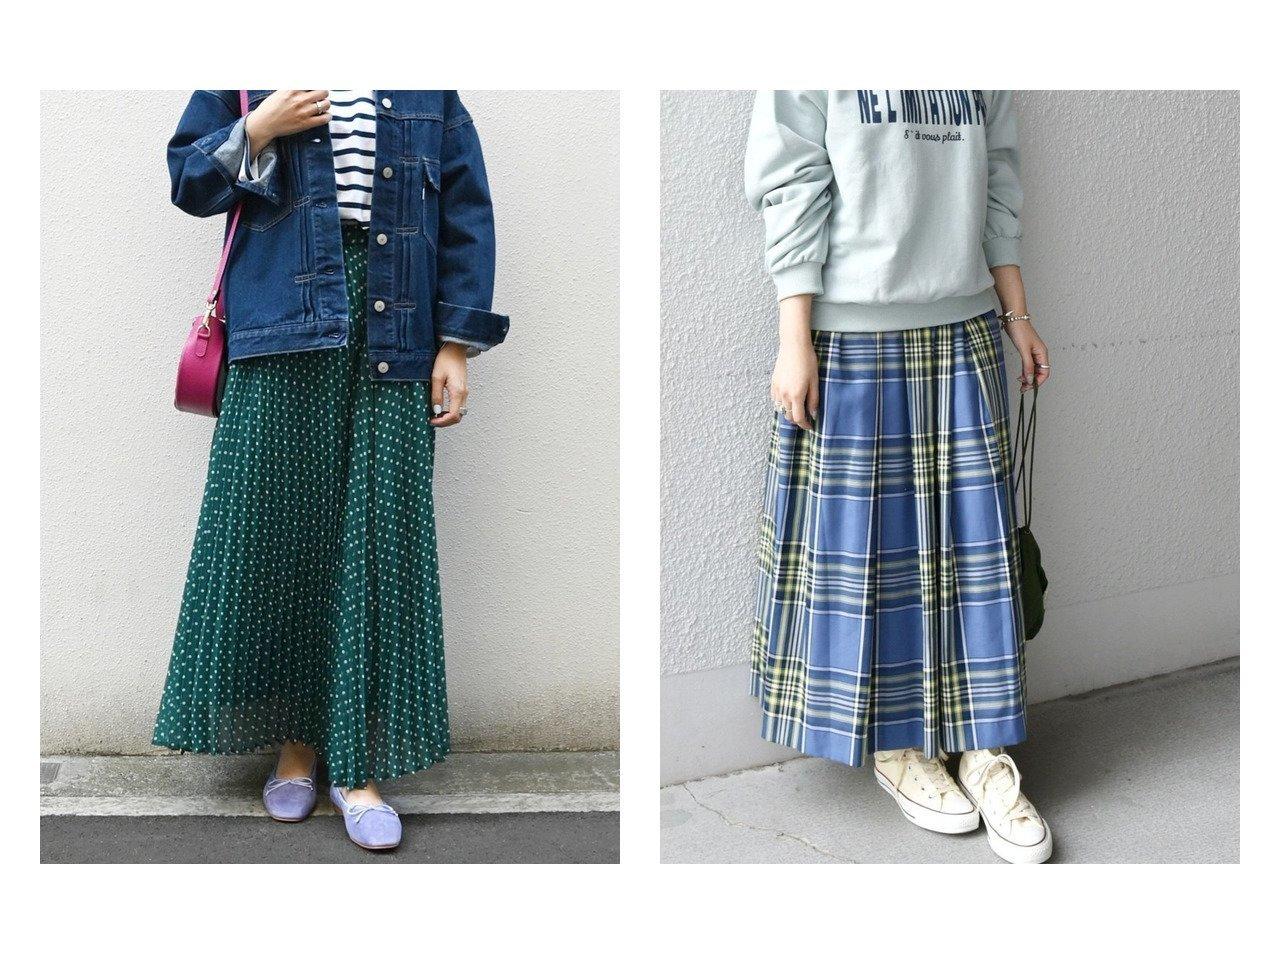 【SHIPS any/シップス エニィ】のSHIPS any ドット プリーツスカート&SHIPS any ランダムタック チェック ソフト フレアスカート スカートのおすすめ!人気、トレンド・レディースファッションの通販 おすすめで人気の流行・トレンド、ファッションの通販商品 メンズファッション・キッズファッション・インテリア・家具・レディースファッション・服の通販 founy(ファニー) https://founy.com/ ファッション Fashion レディースファッション WOMEN スカート Skirt Aライン/フレアスカート Flared A-Line Skirts ロングスカート Long Skirt プリーツスカート Pleated Skirts NEW・新作・新着・新入荷 New Arrivals コンパクト チェック フレア ランダム ロング 再入荷 Restock/Back in Stock/Re Arrival 春 Spring 無地 ショート ドット プリント プリーツ |ID:crp329100000011765